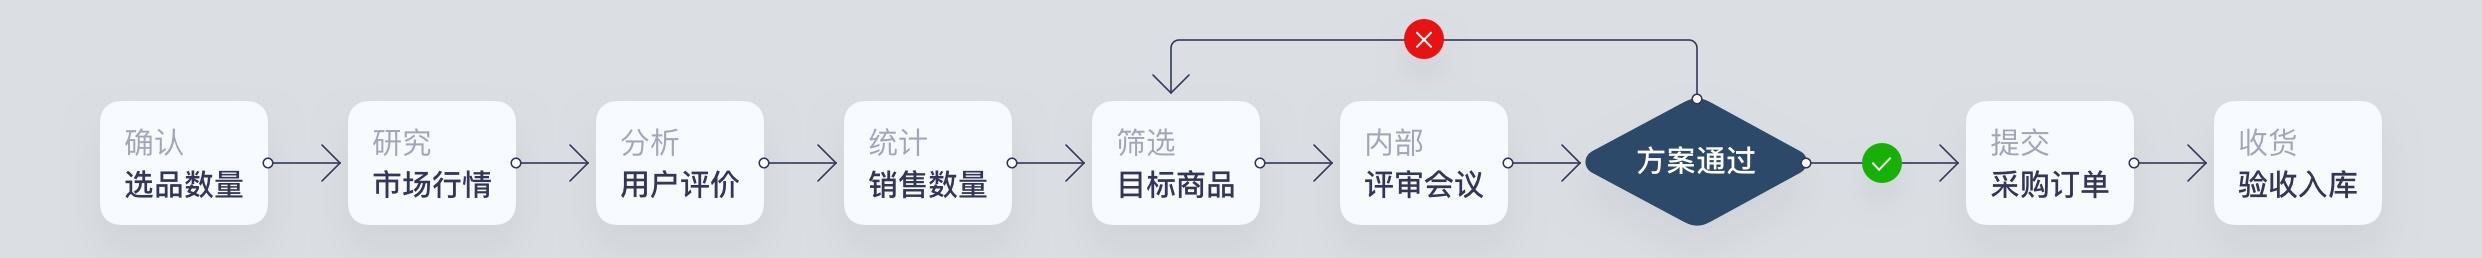 全面了解 B 端产品设计:如何理解需求?